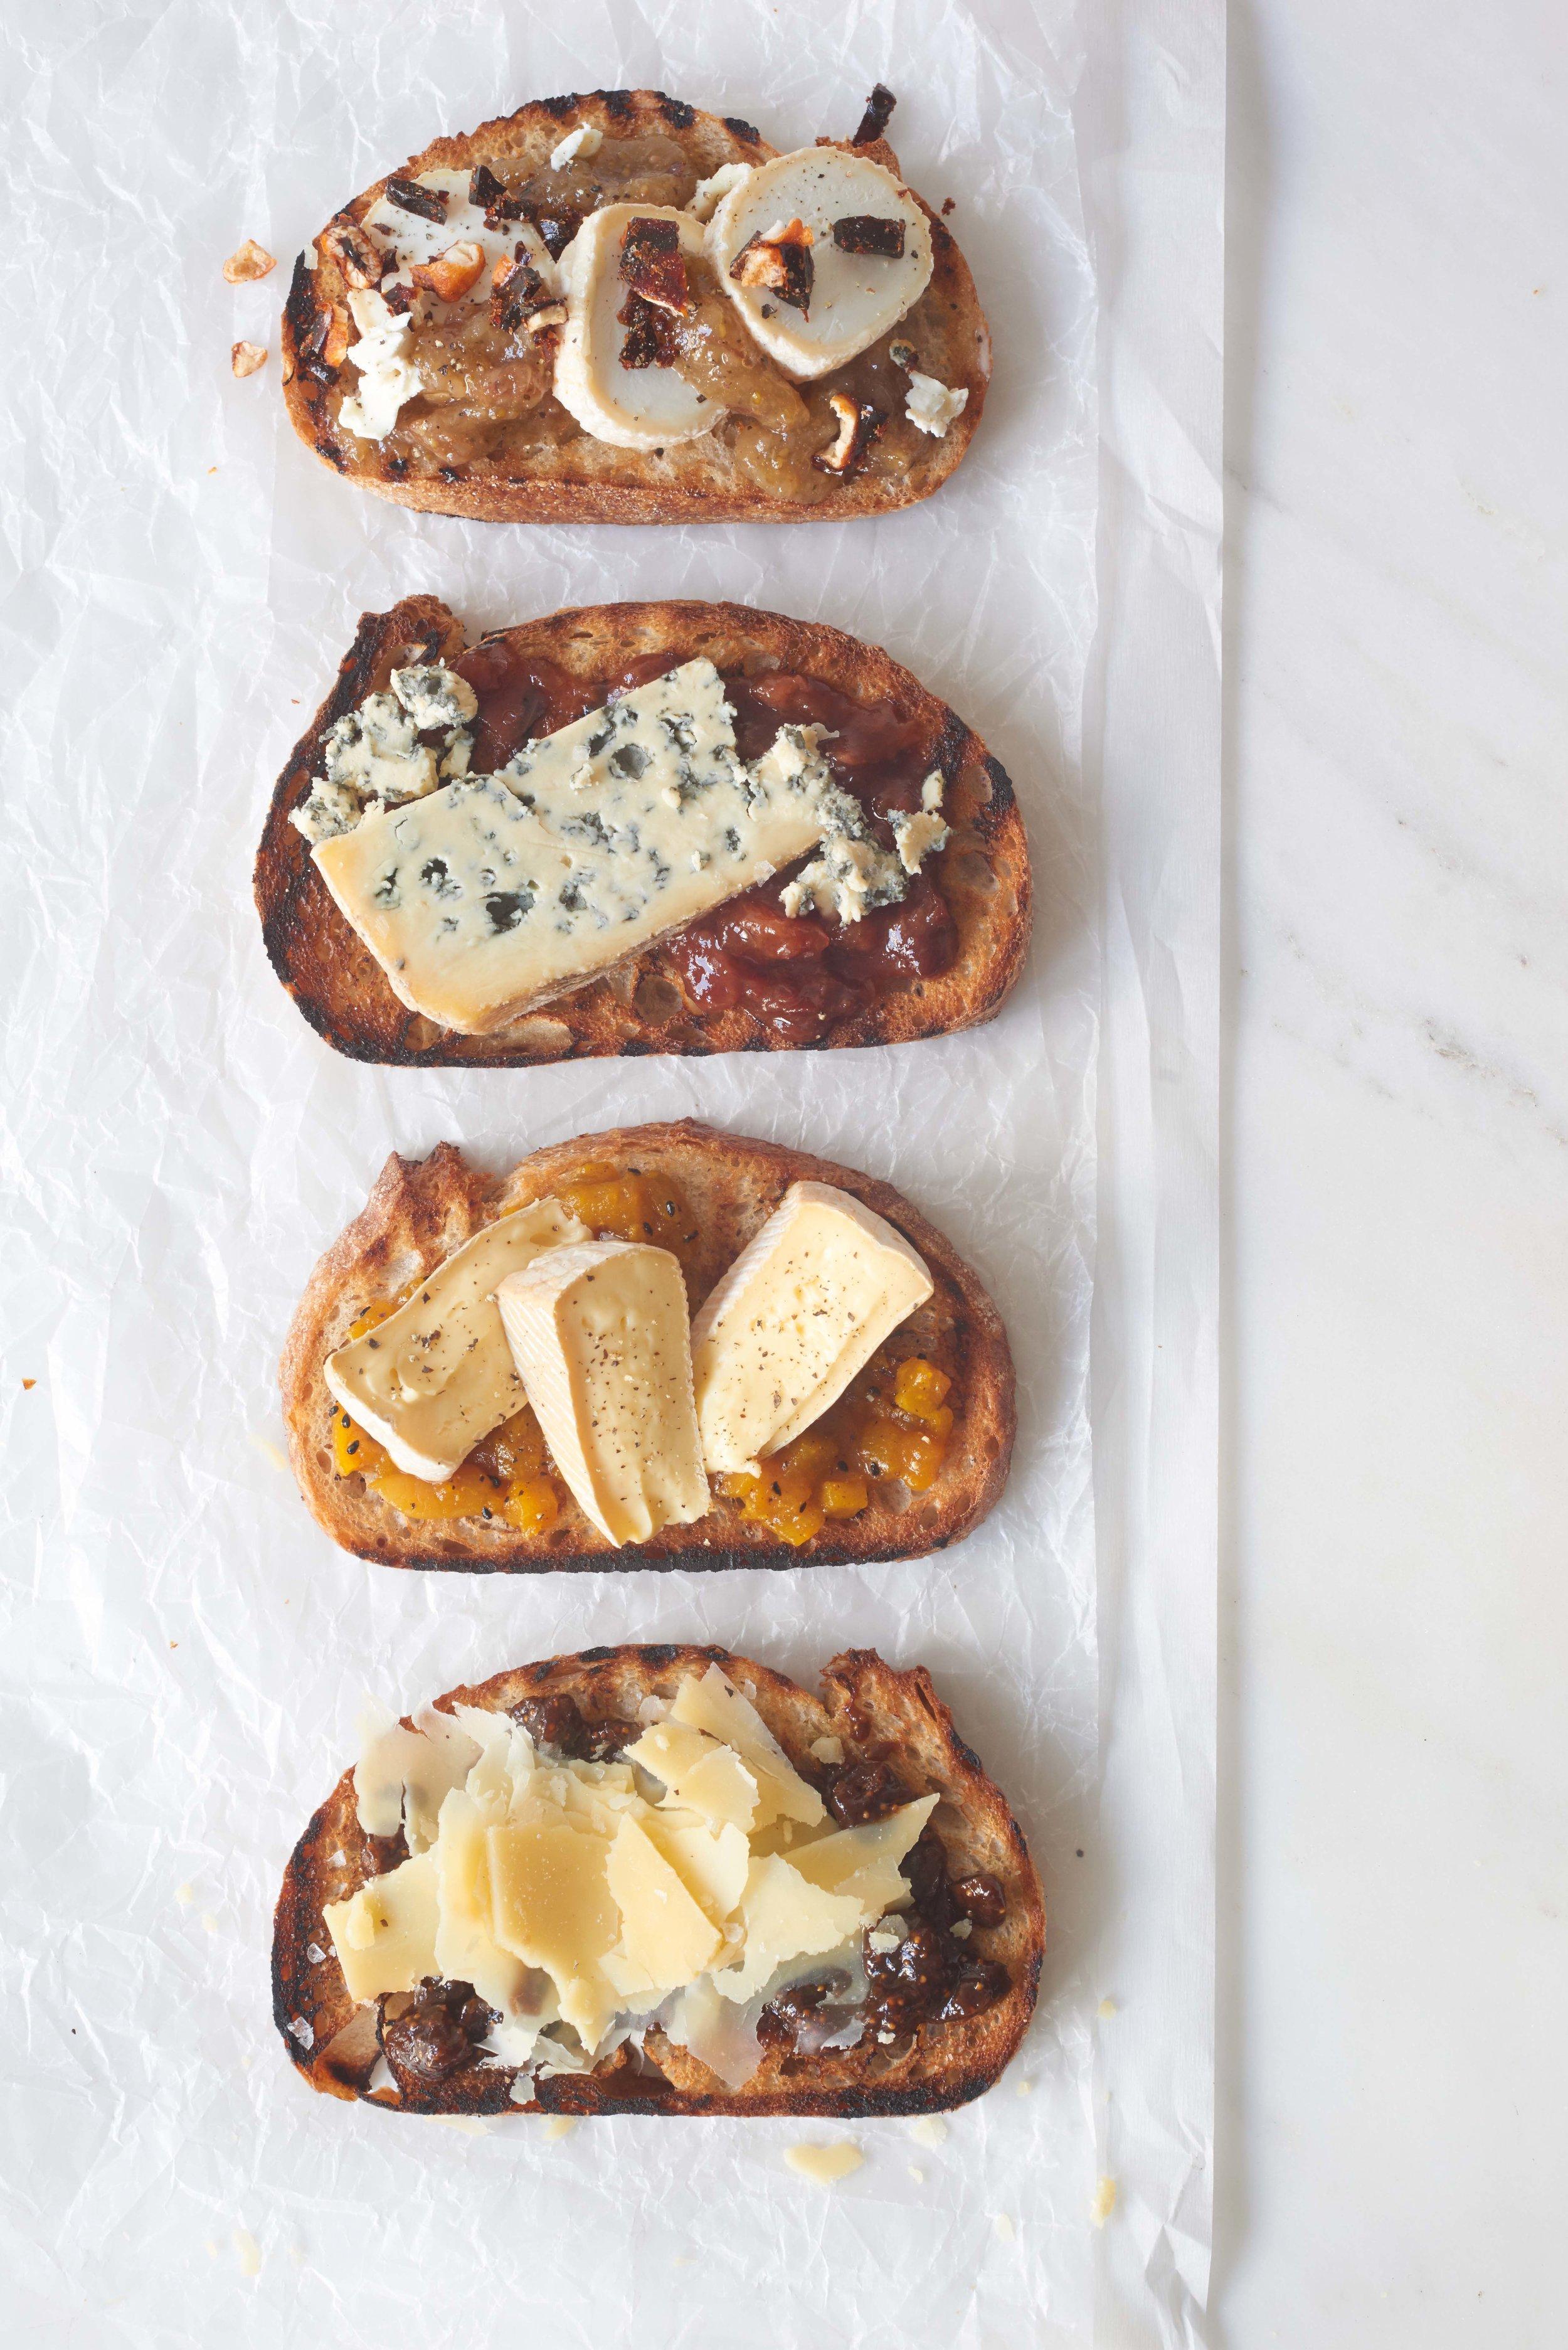 Sh05_Cheese&Chutney_006.jpg